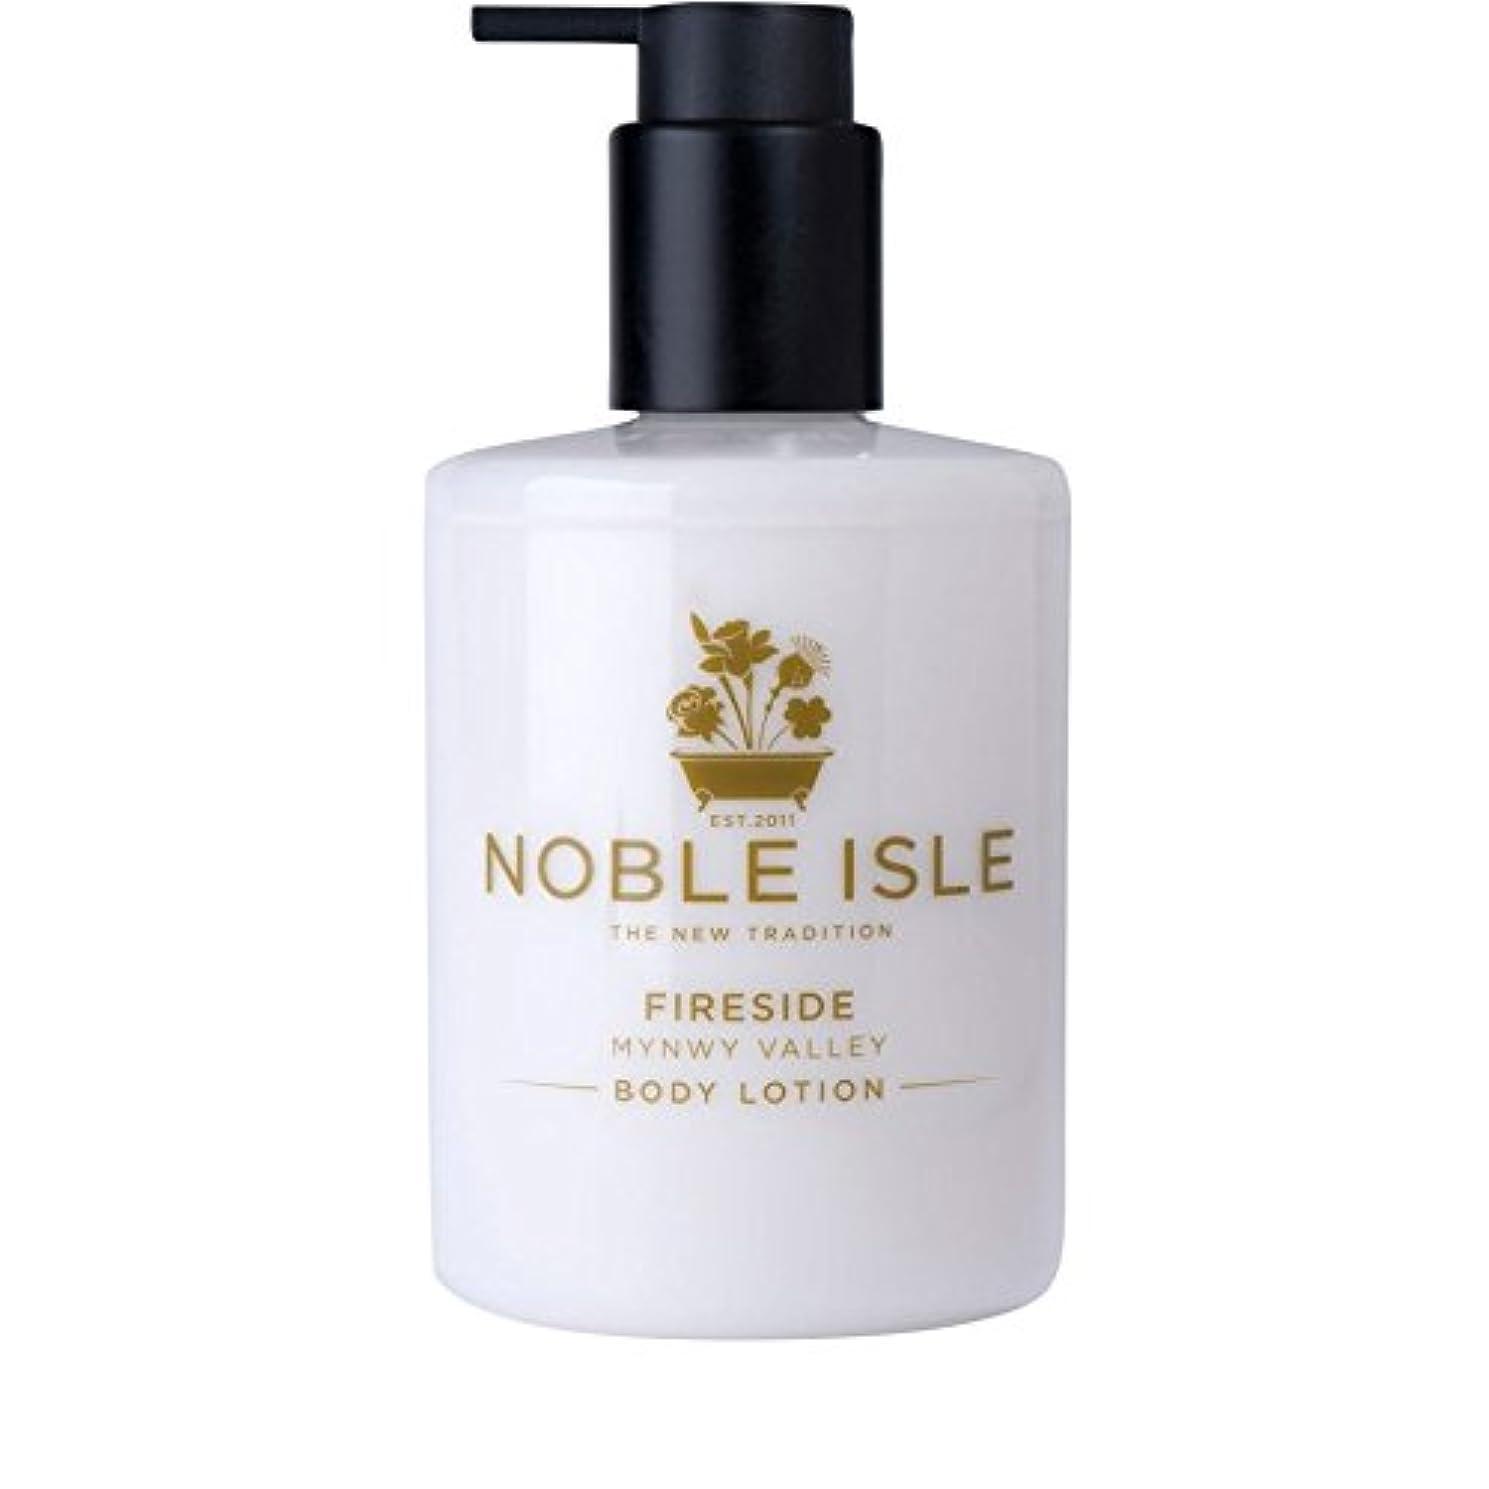 大使館浸透する束Noble Isle Fireside Mynwy Valley Body Lotion 250ml - 高貴な島炉端谷のボディローション250ミリリットル [並行輸入品]